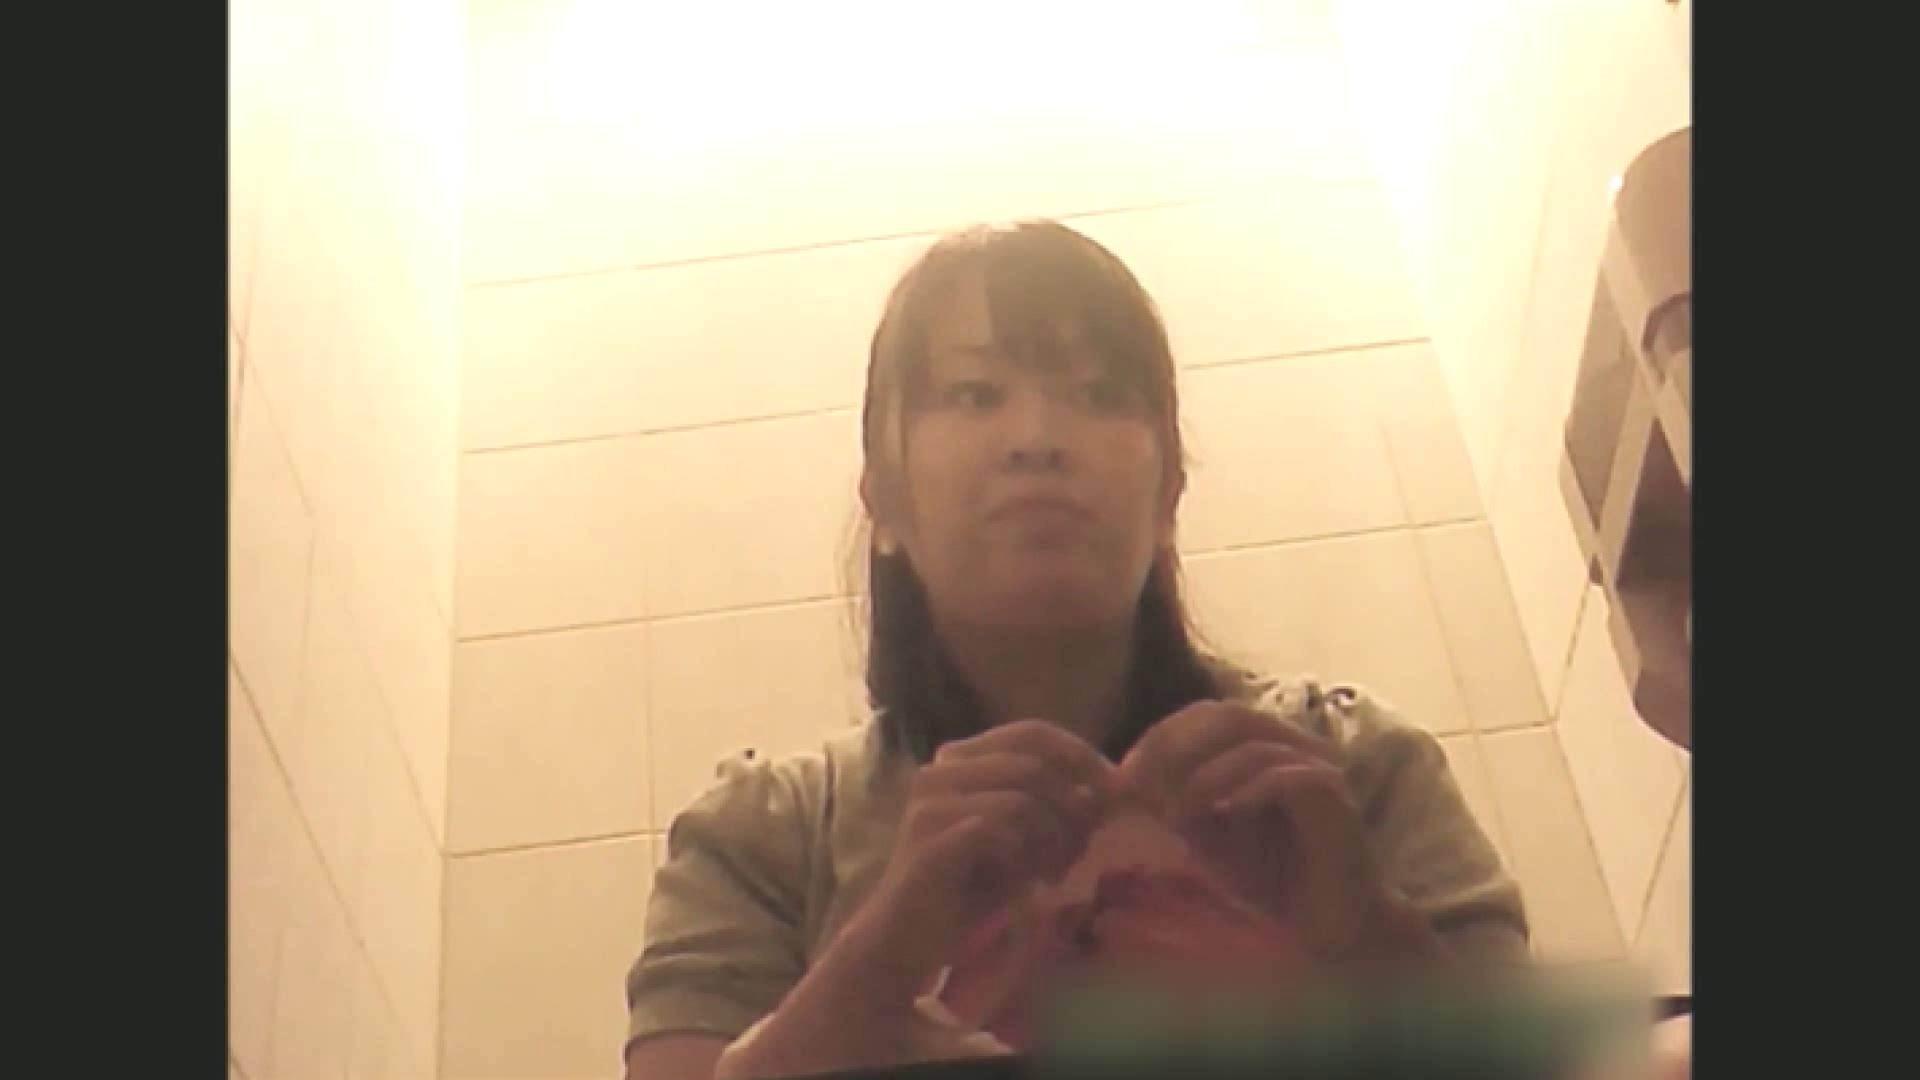 実録!!綺麗なお姉さんのトイレ事情・・・。vol.1 OLすけべ画像  78連発 25